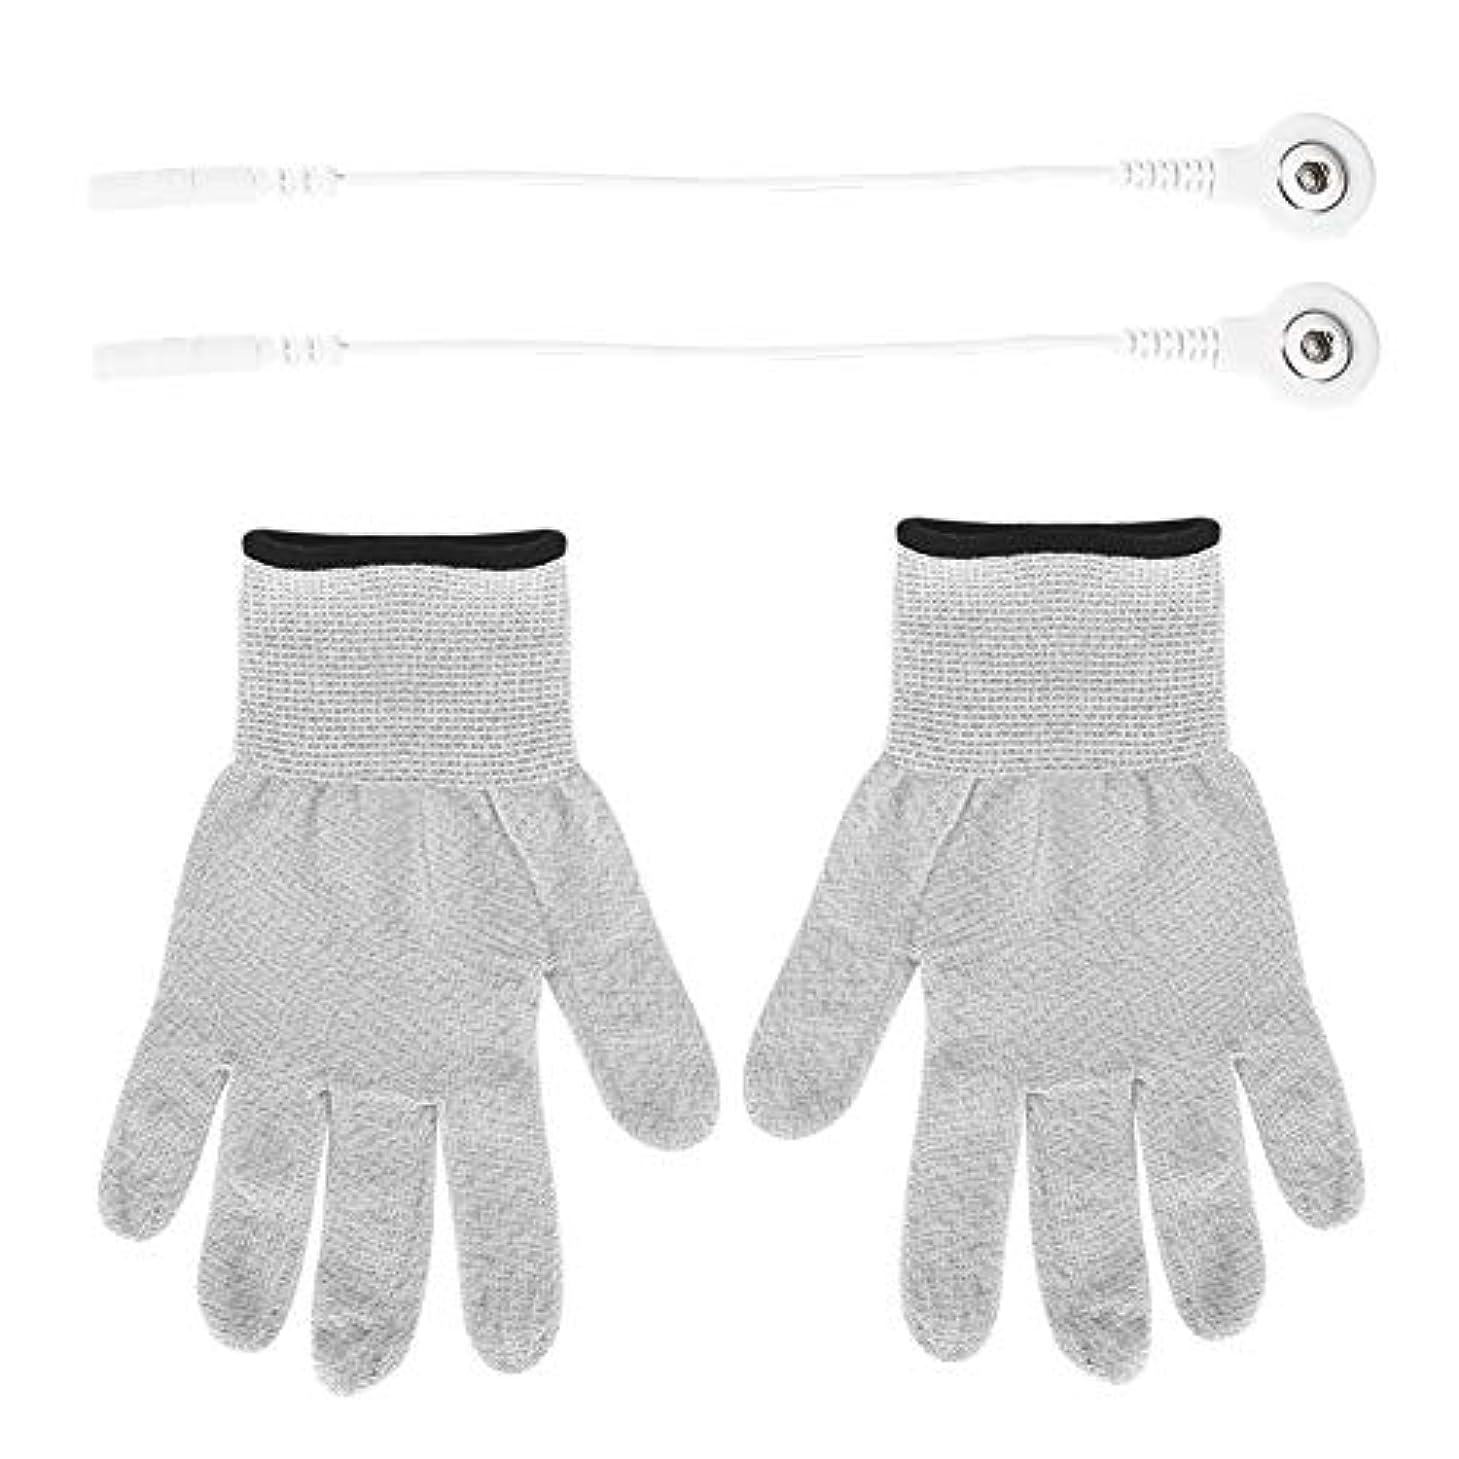 アトラス追放どきどき1組 電極 手袋繊維 電気衝撃療法 マッサージ 手袋電気衝撃繊維 脈拍療法 マッサージ 伝導性 手袋